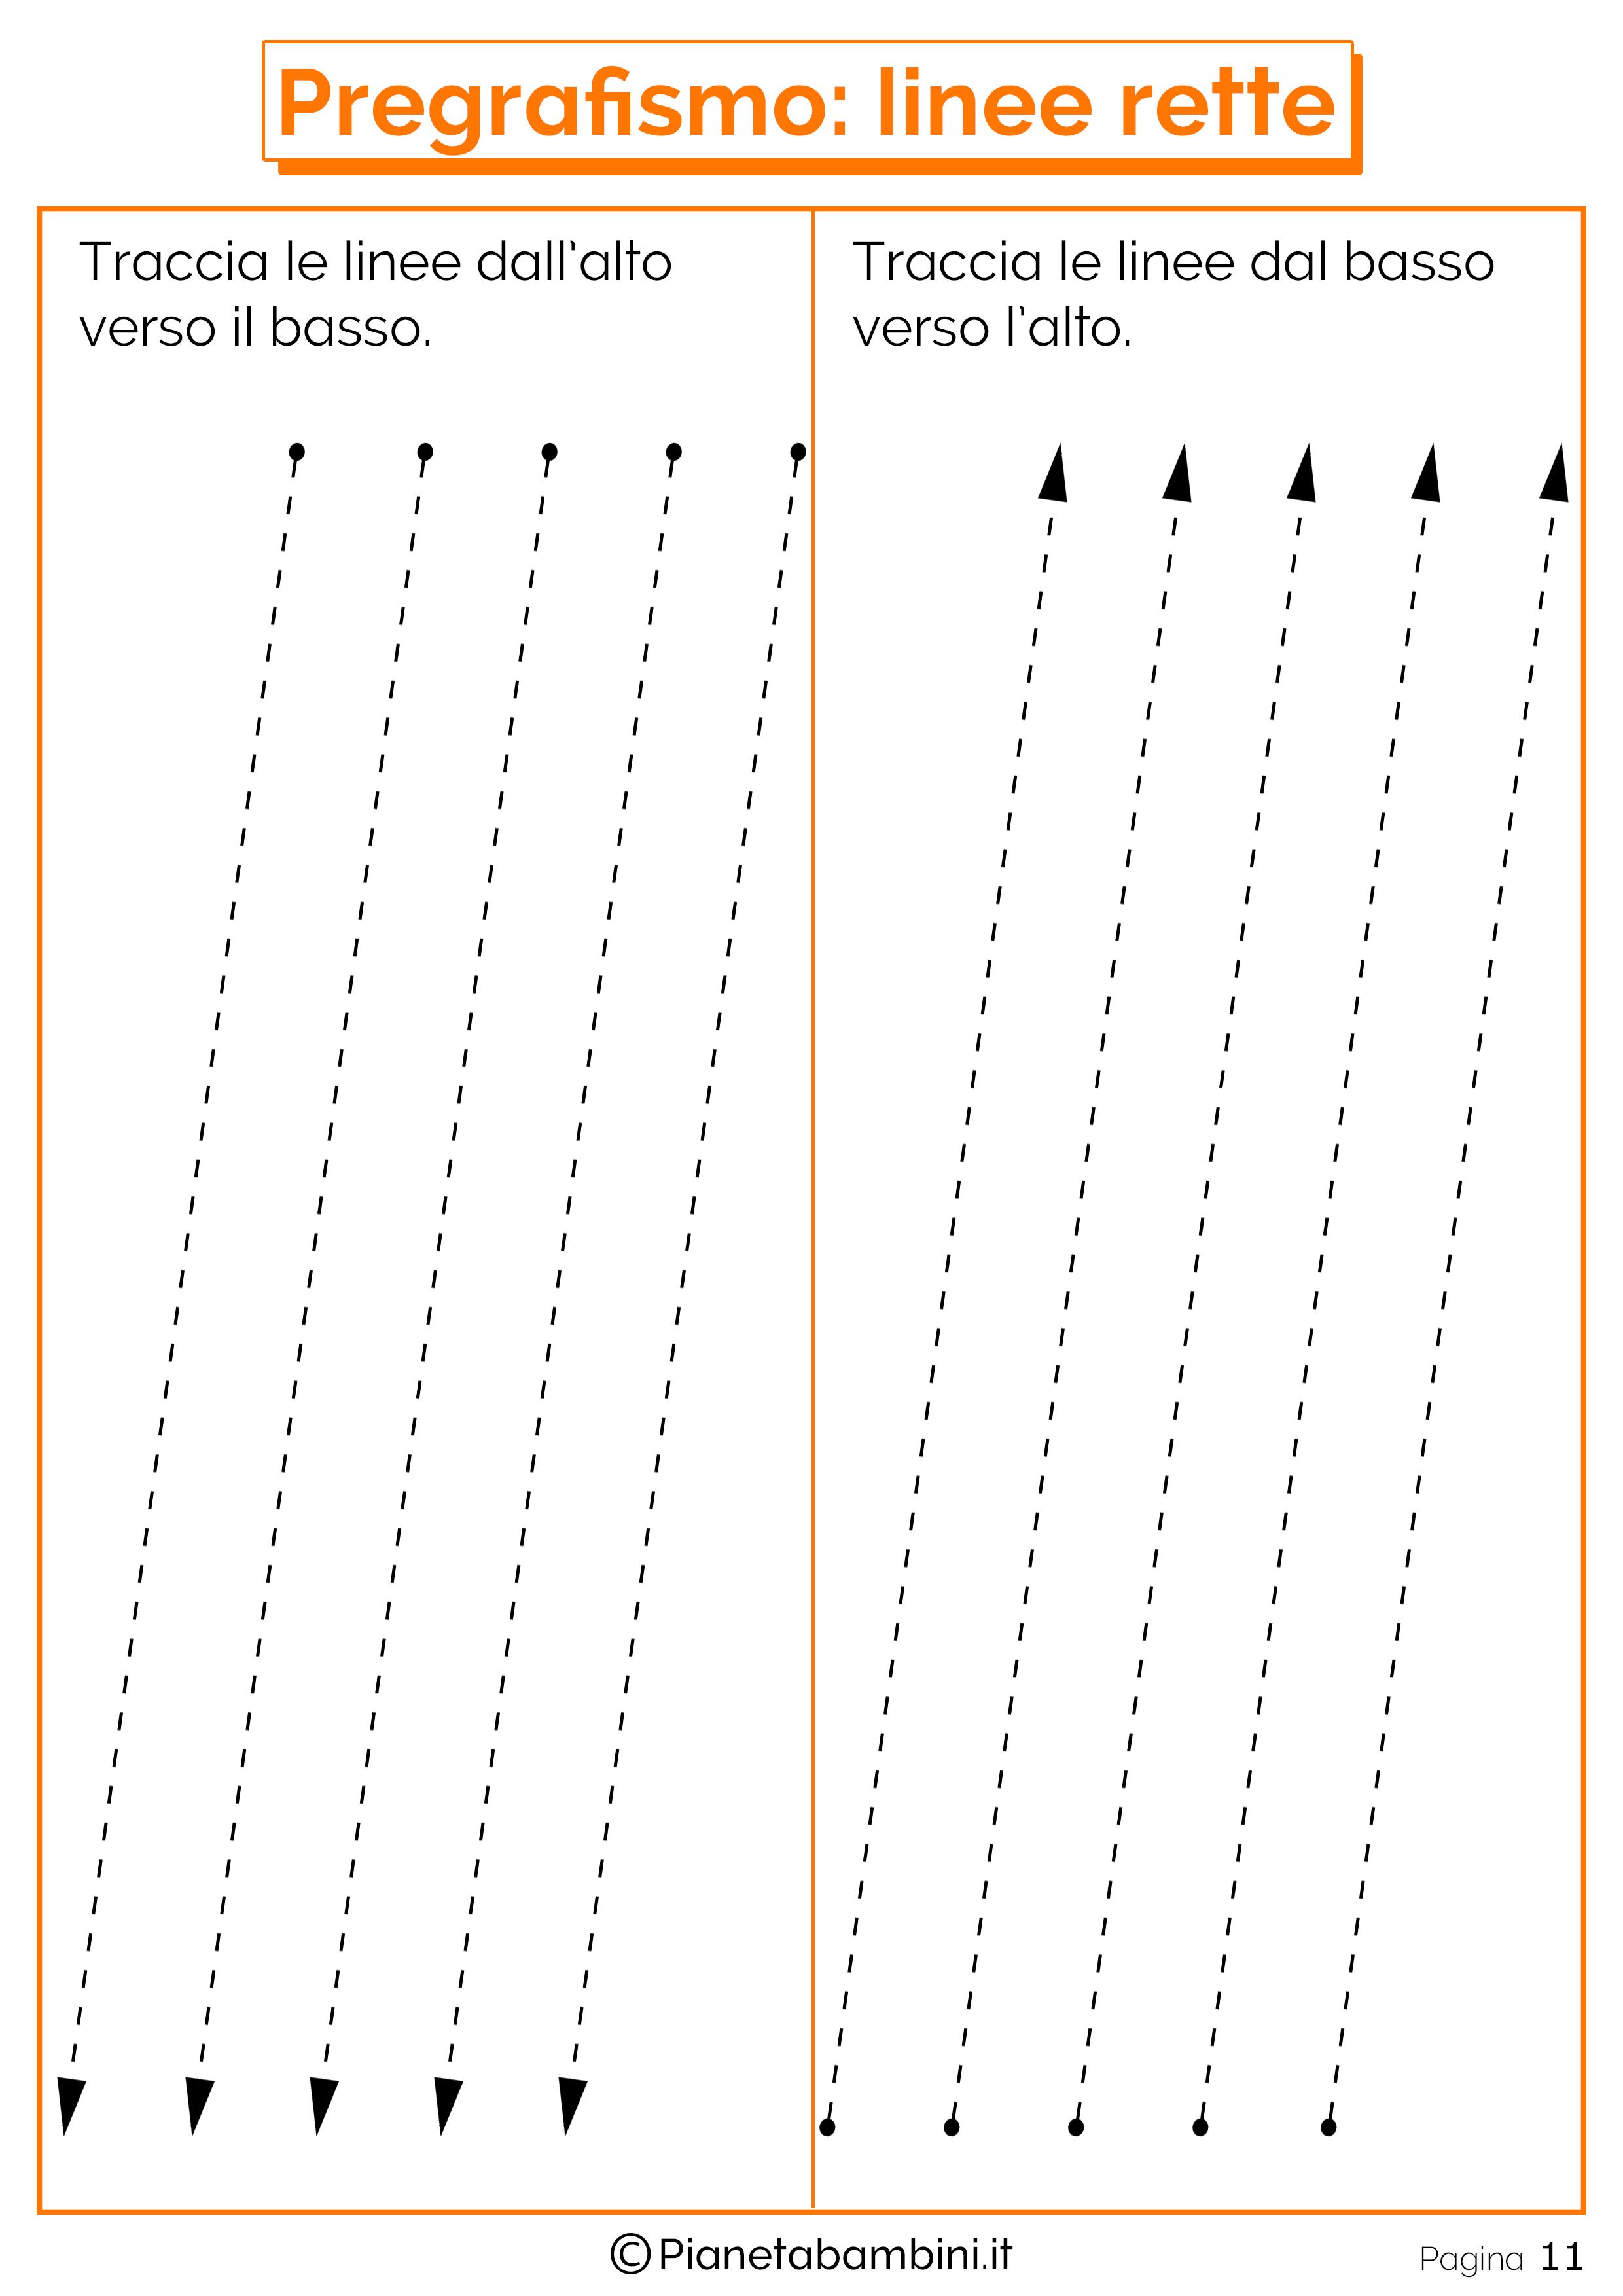 Pregrafismo-Linee-Rette_11